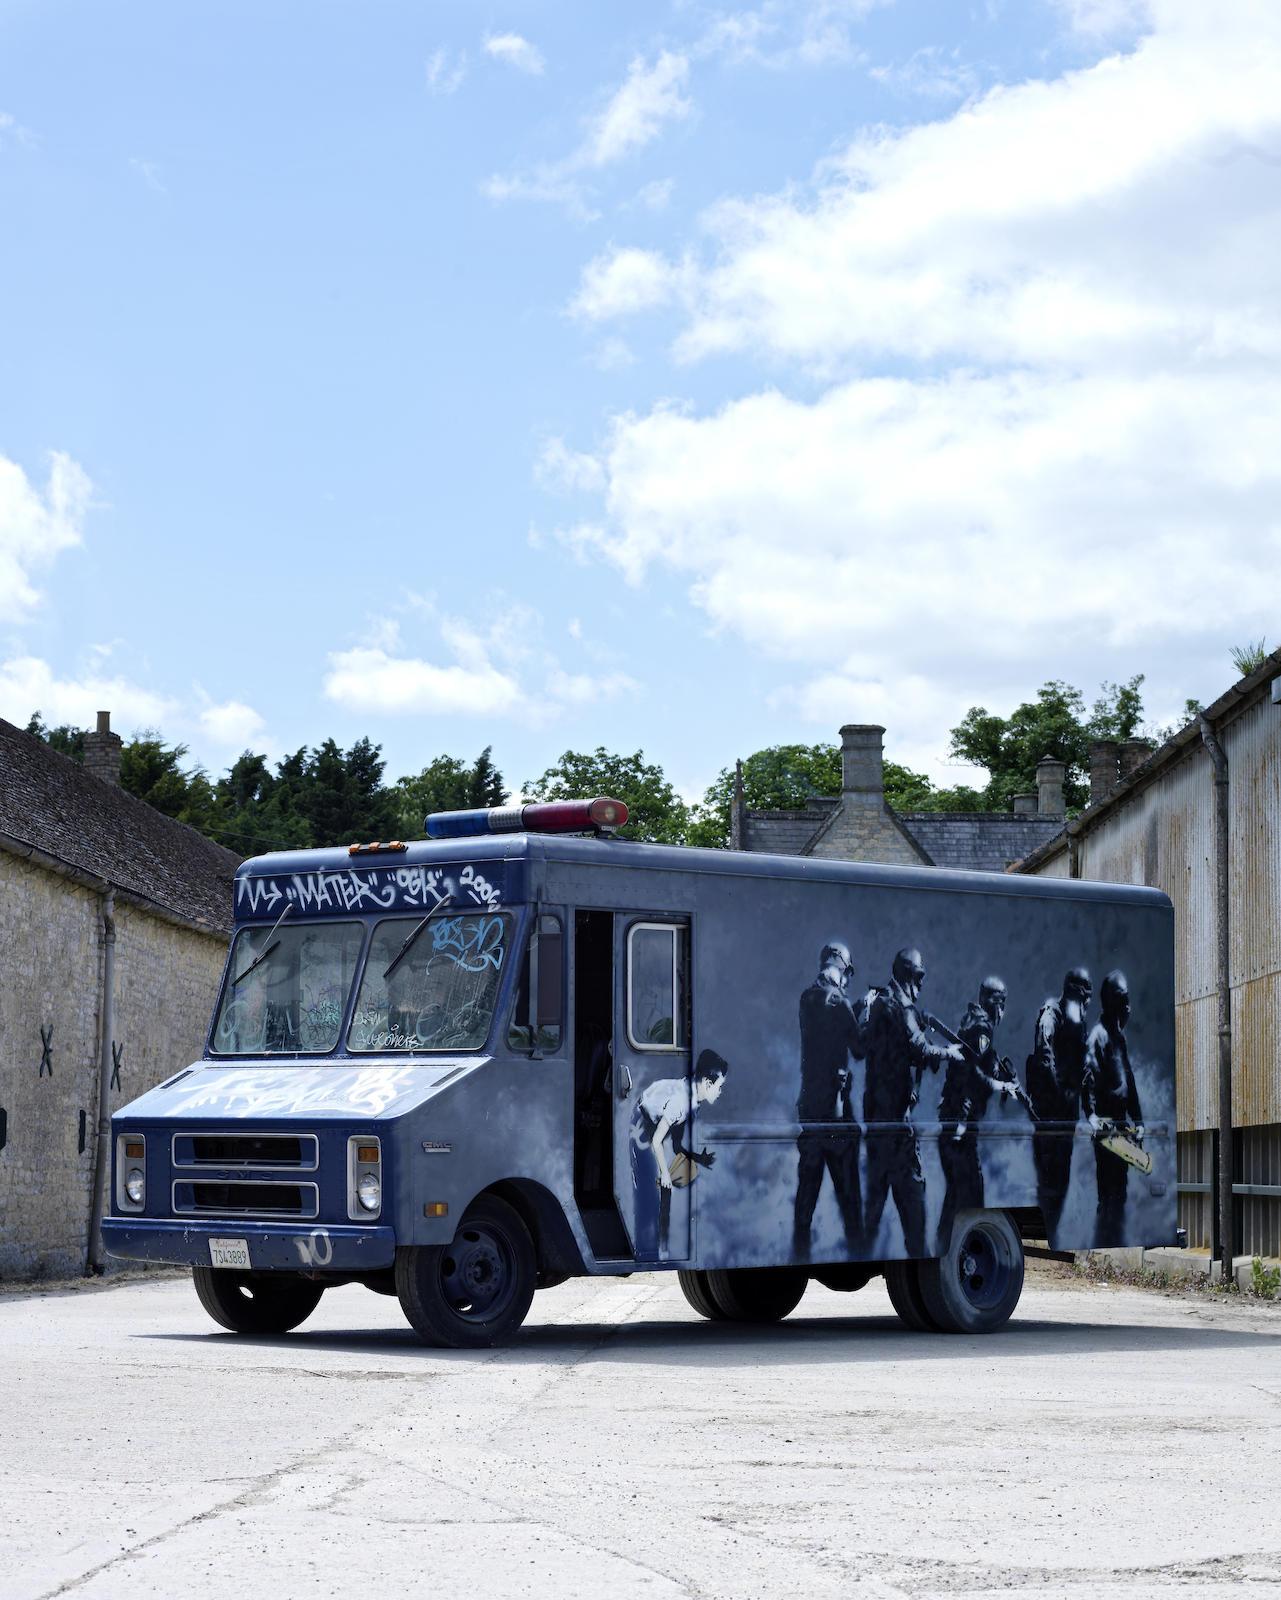 Banksy-SWAT Van-2006